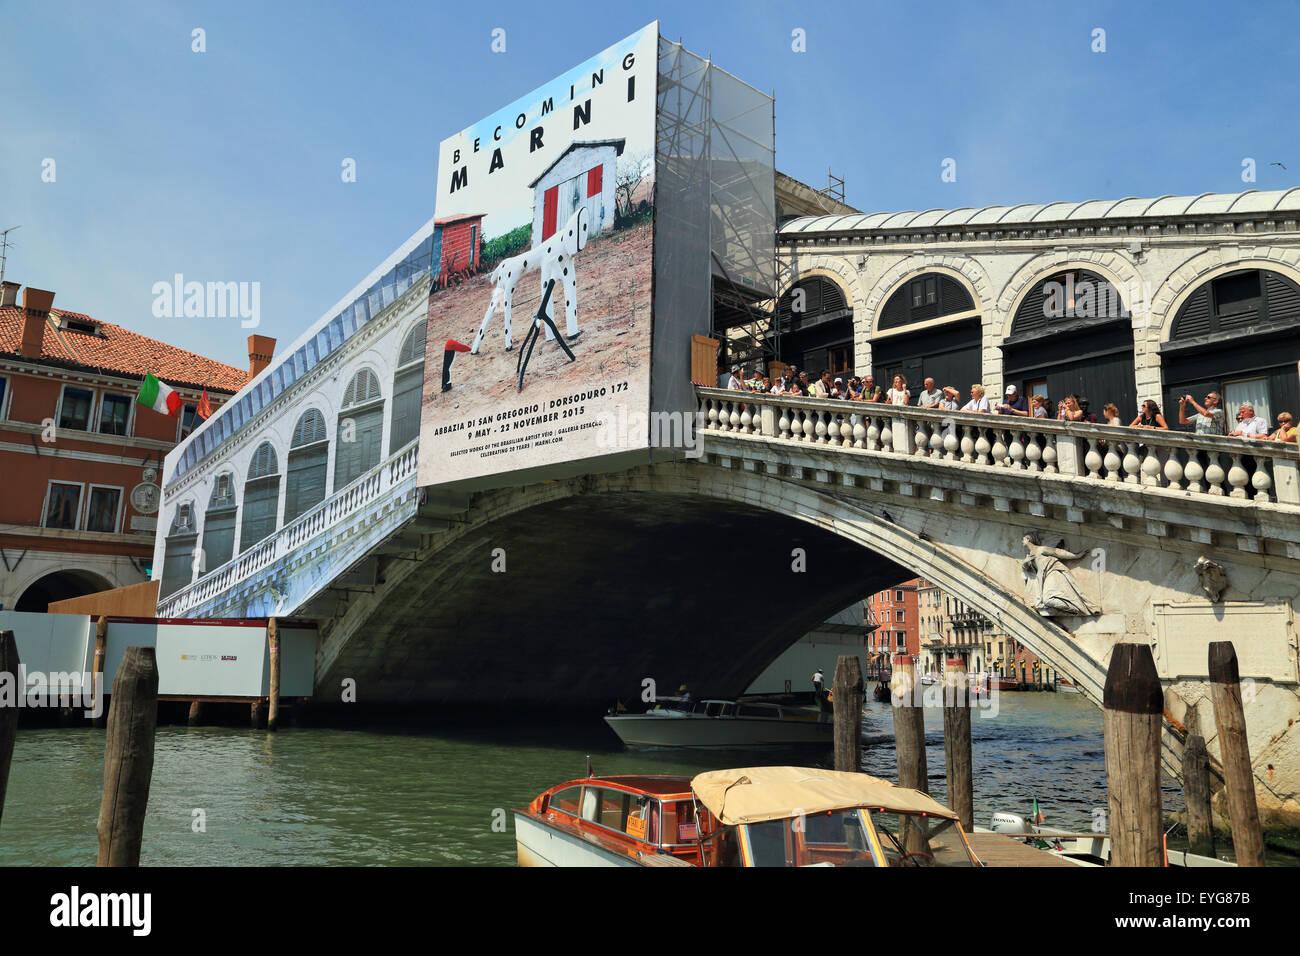 Rialto closed. Restoration work at  Ponte di Rialto (Rialto Bridge) 2015 - Stock Image